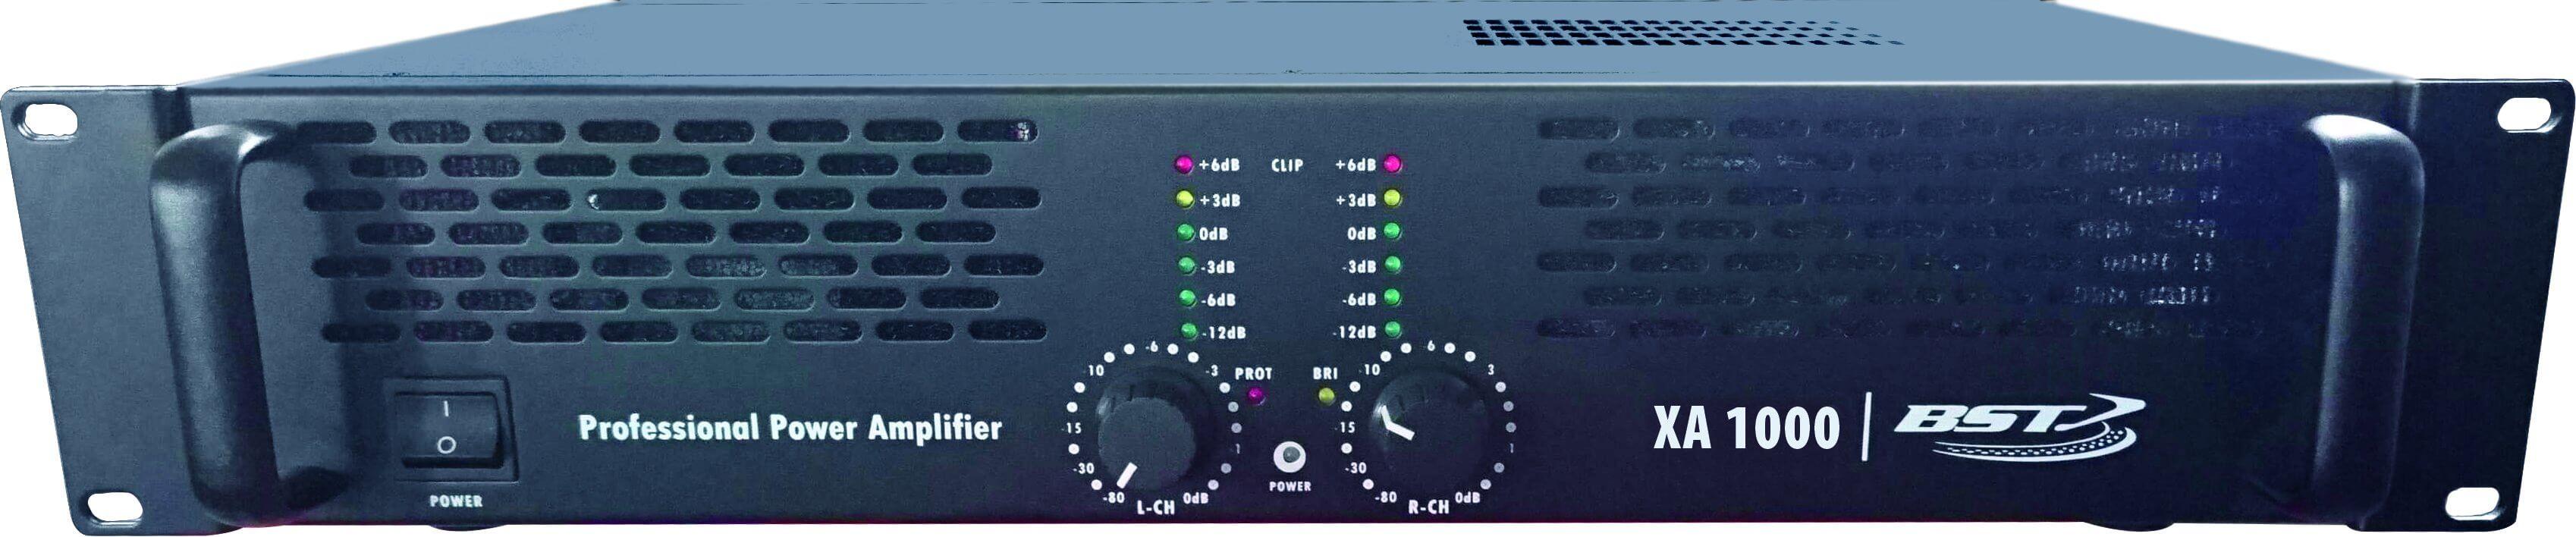 BST XA1000 1000W Power Amplifier